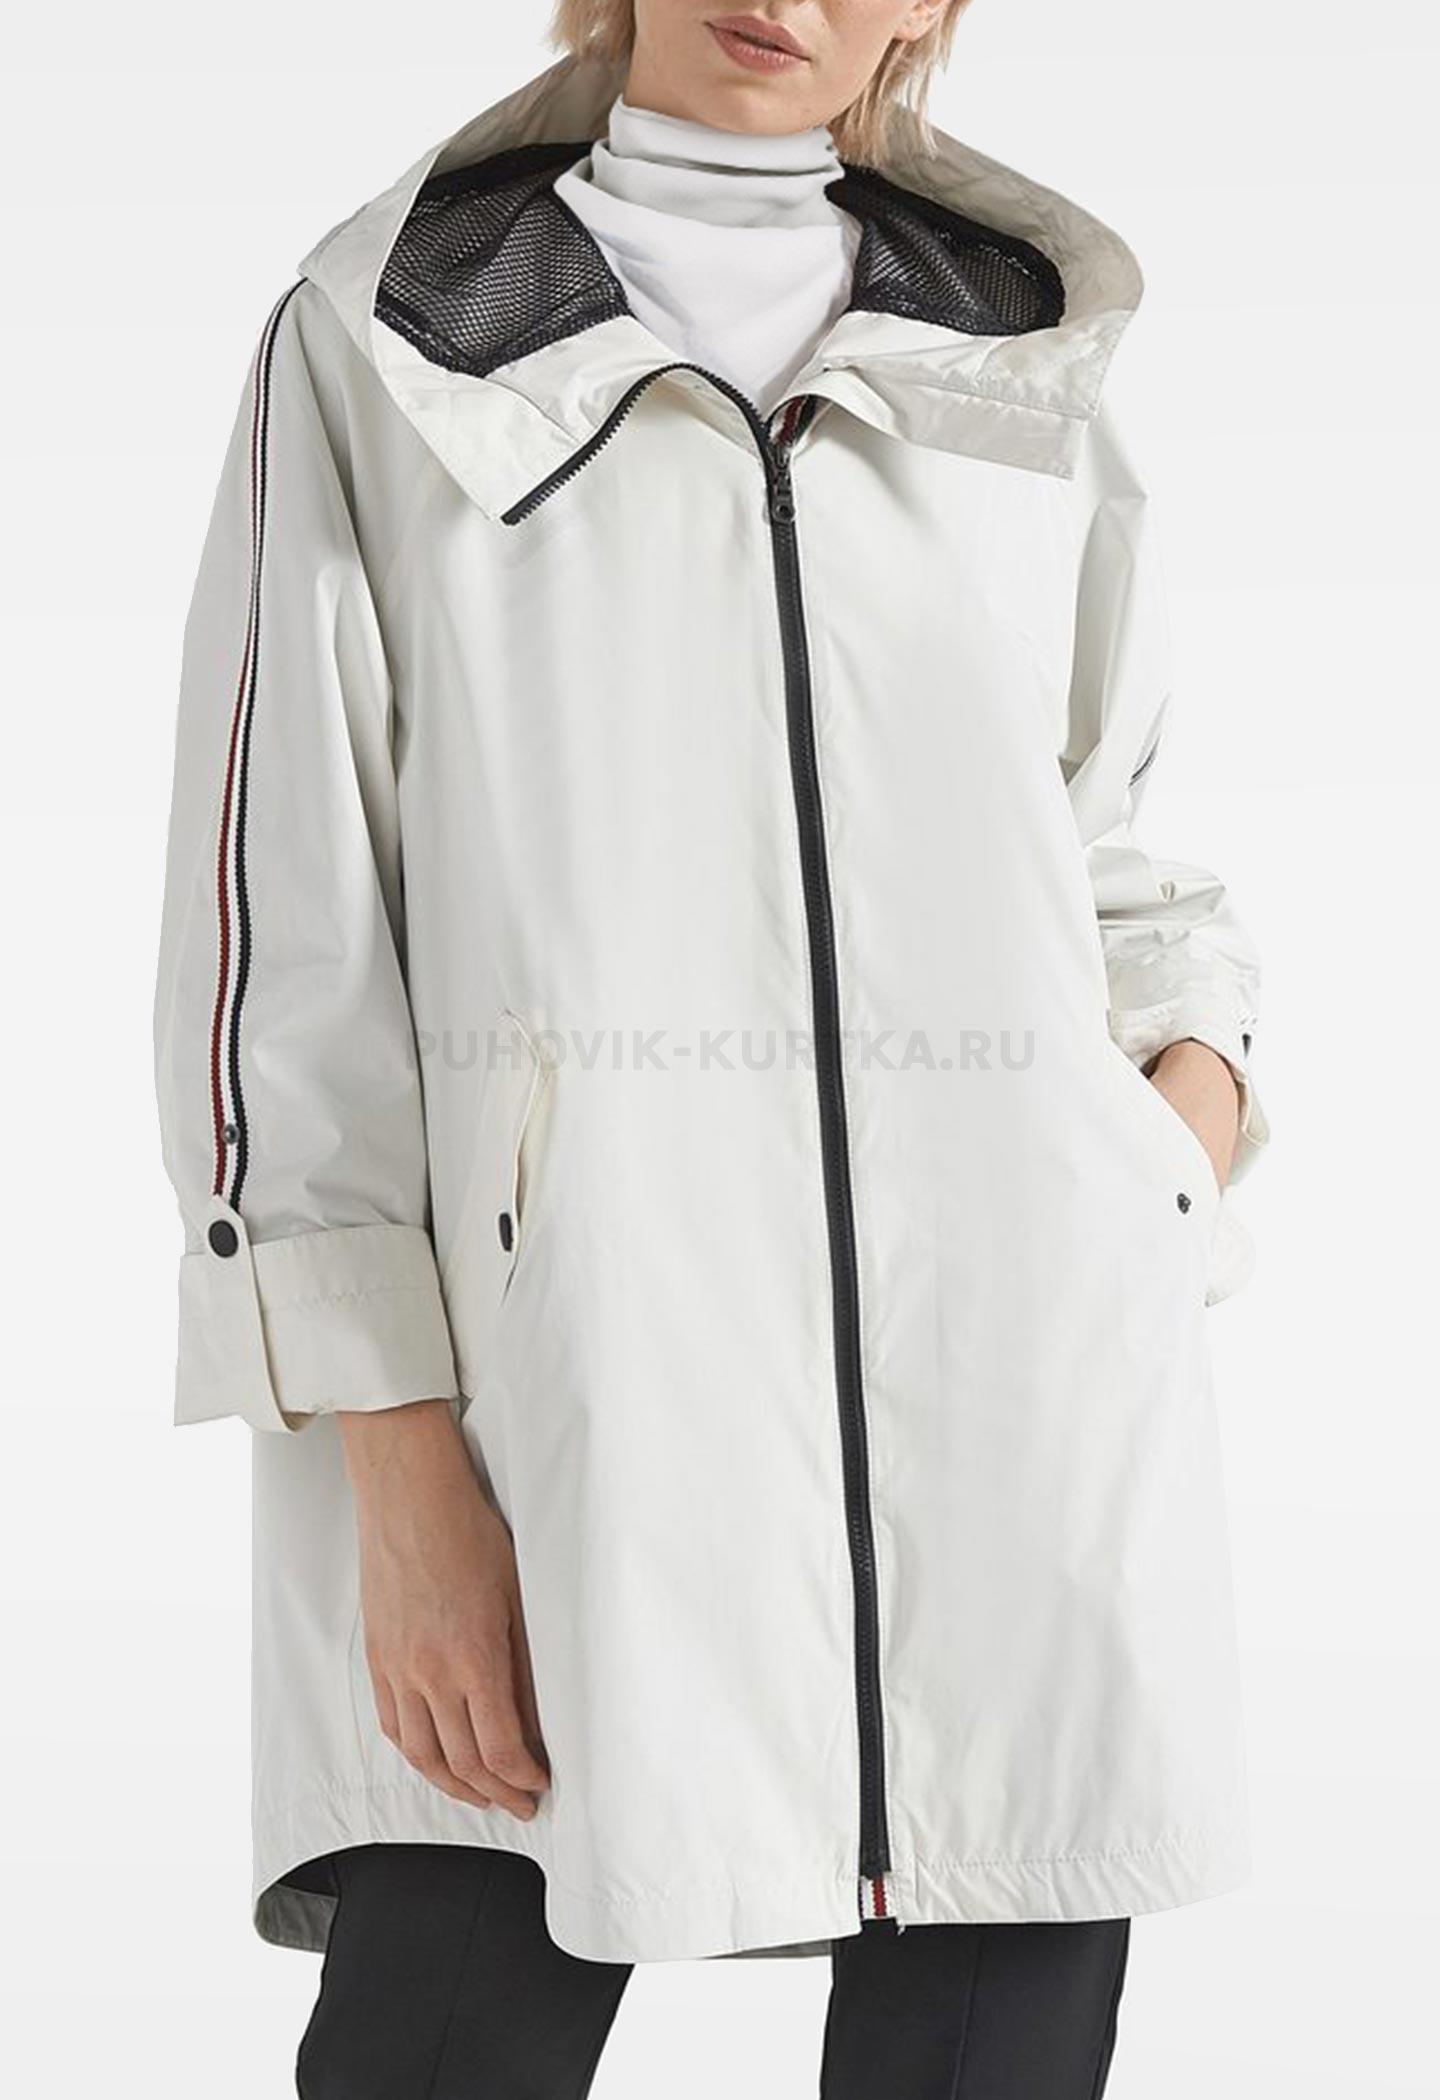 Куртка финская Dixi Coat 5743-156 (42)